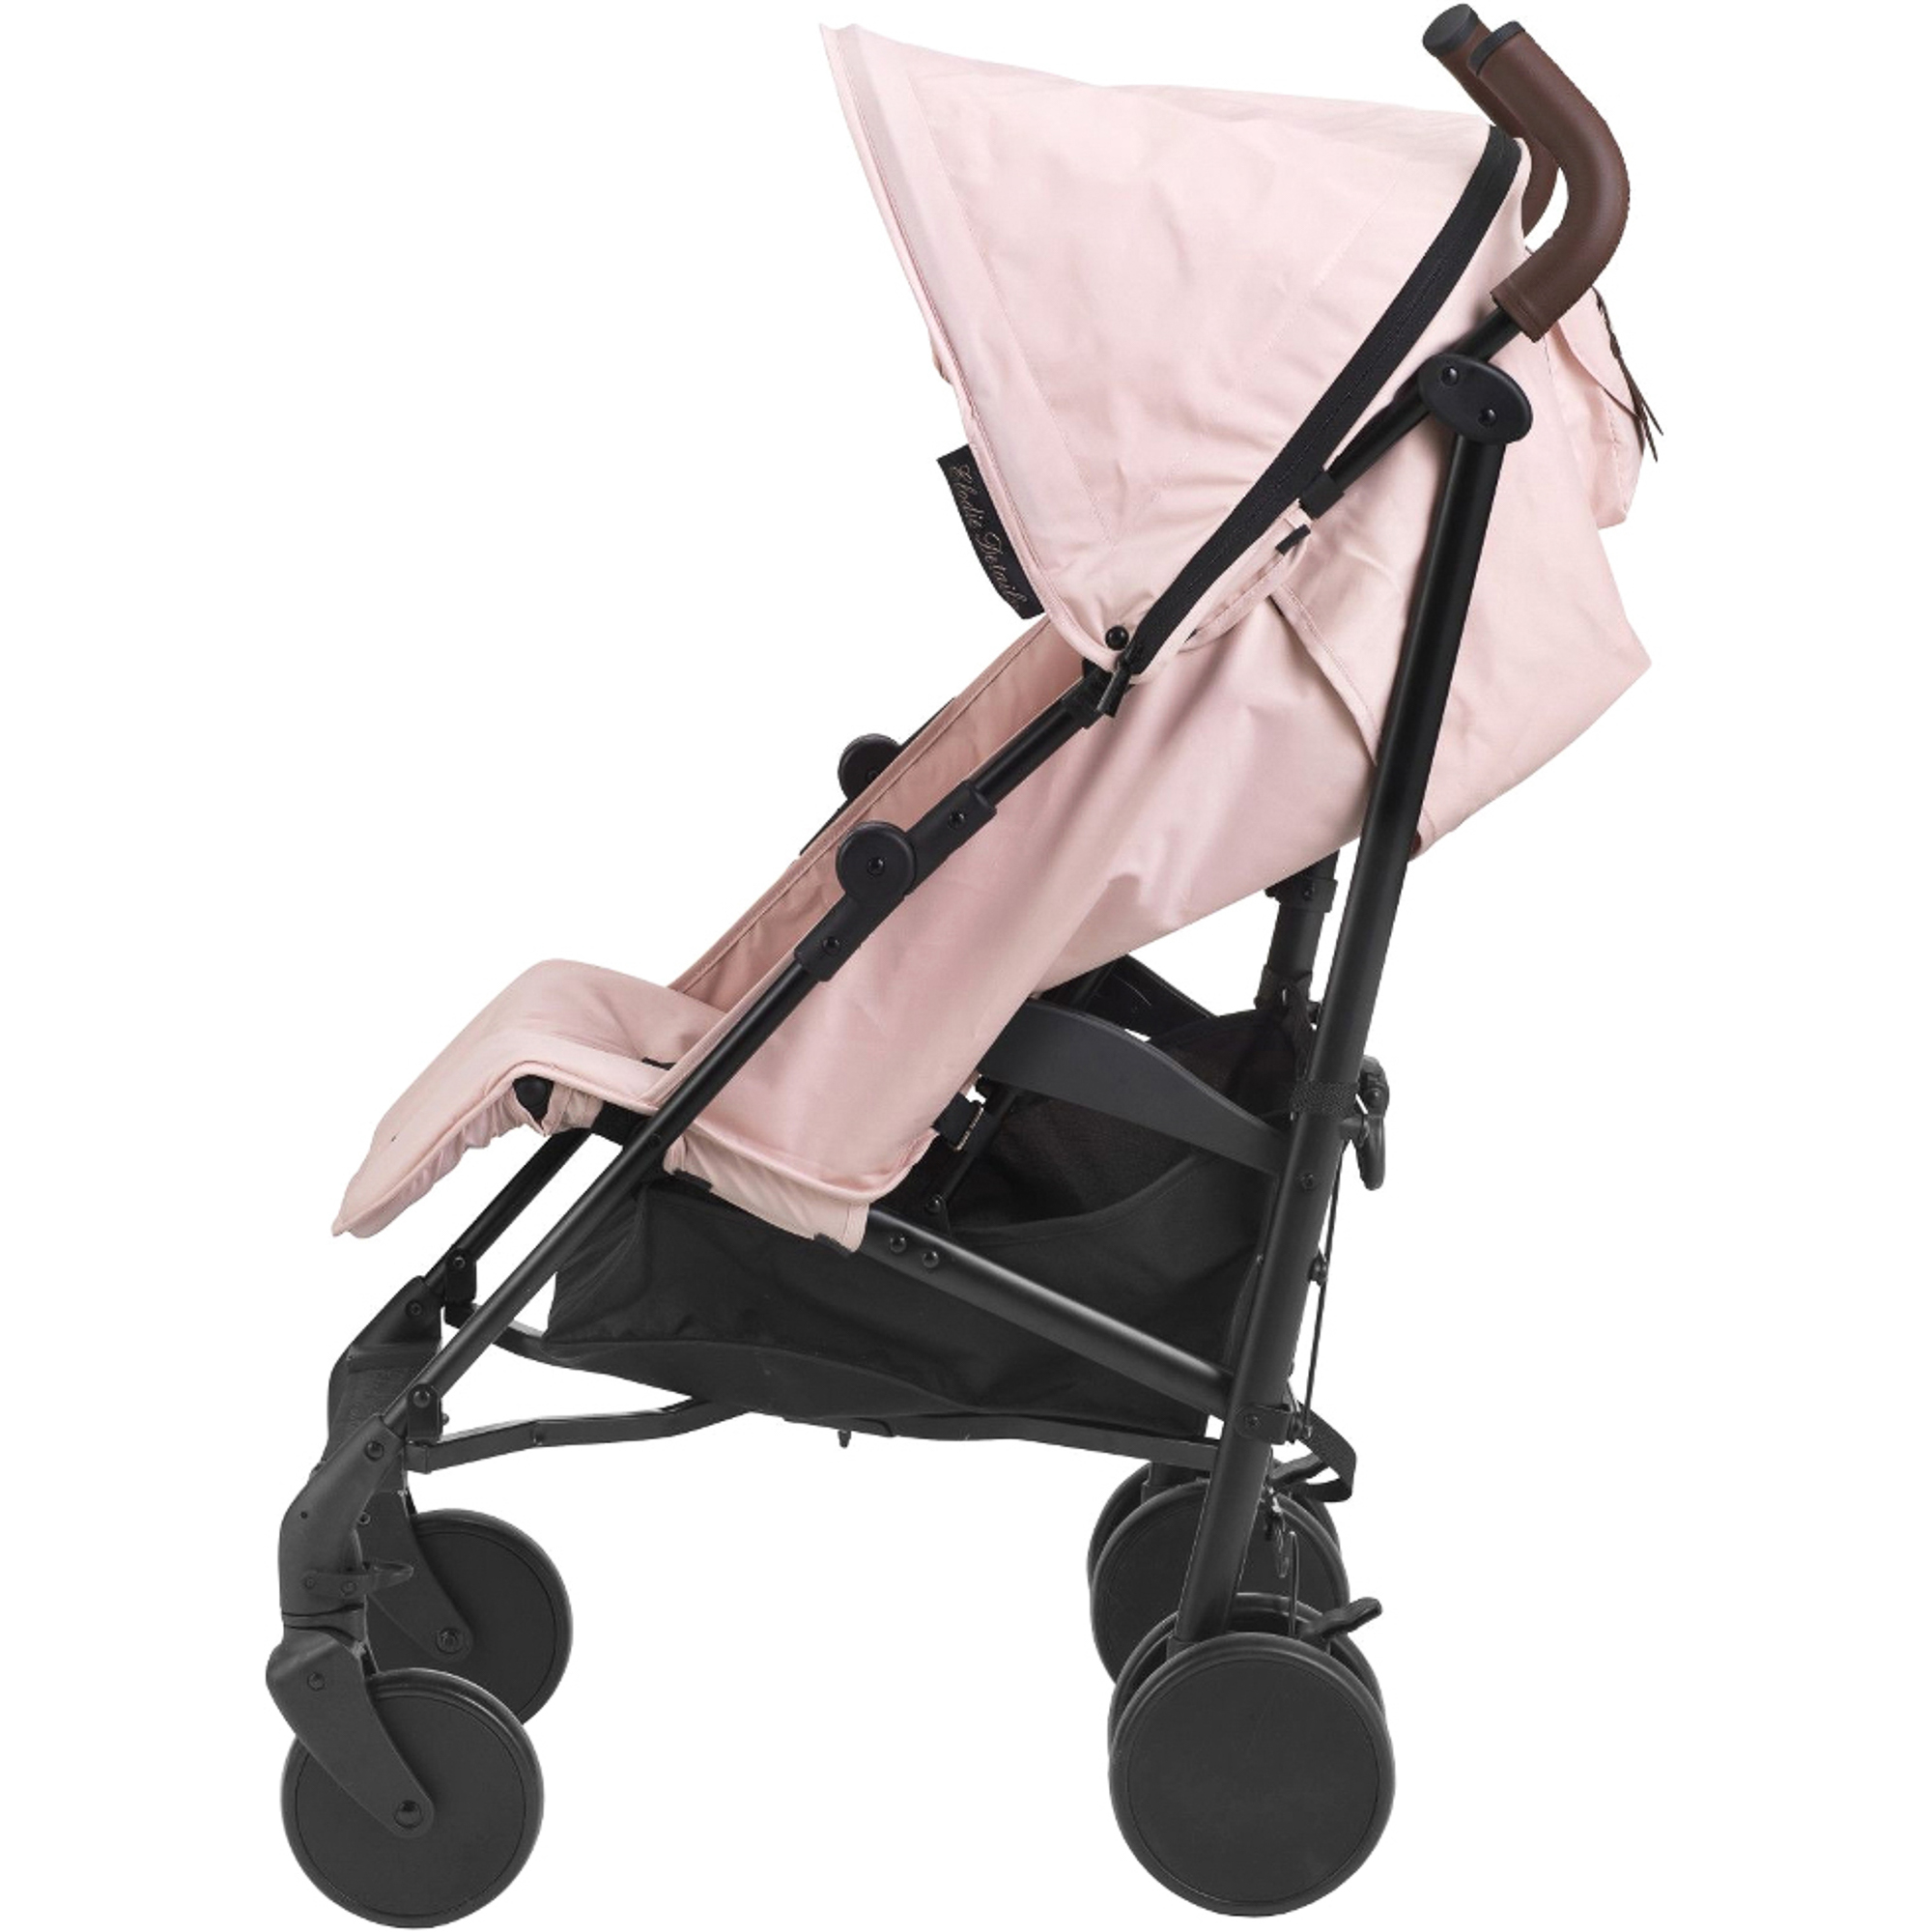 Купить Прогулочная коляска Elodie Details Stockholm Stroller 3.0 Powder Pink, Китай, летняя, Детские коляски, автокресла и аксессуары